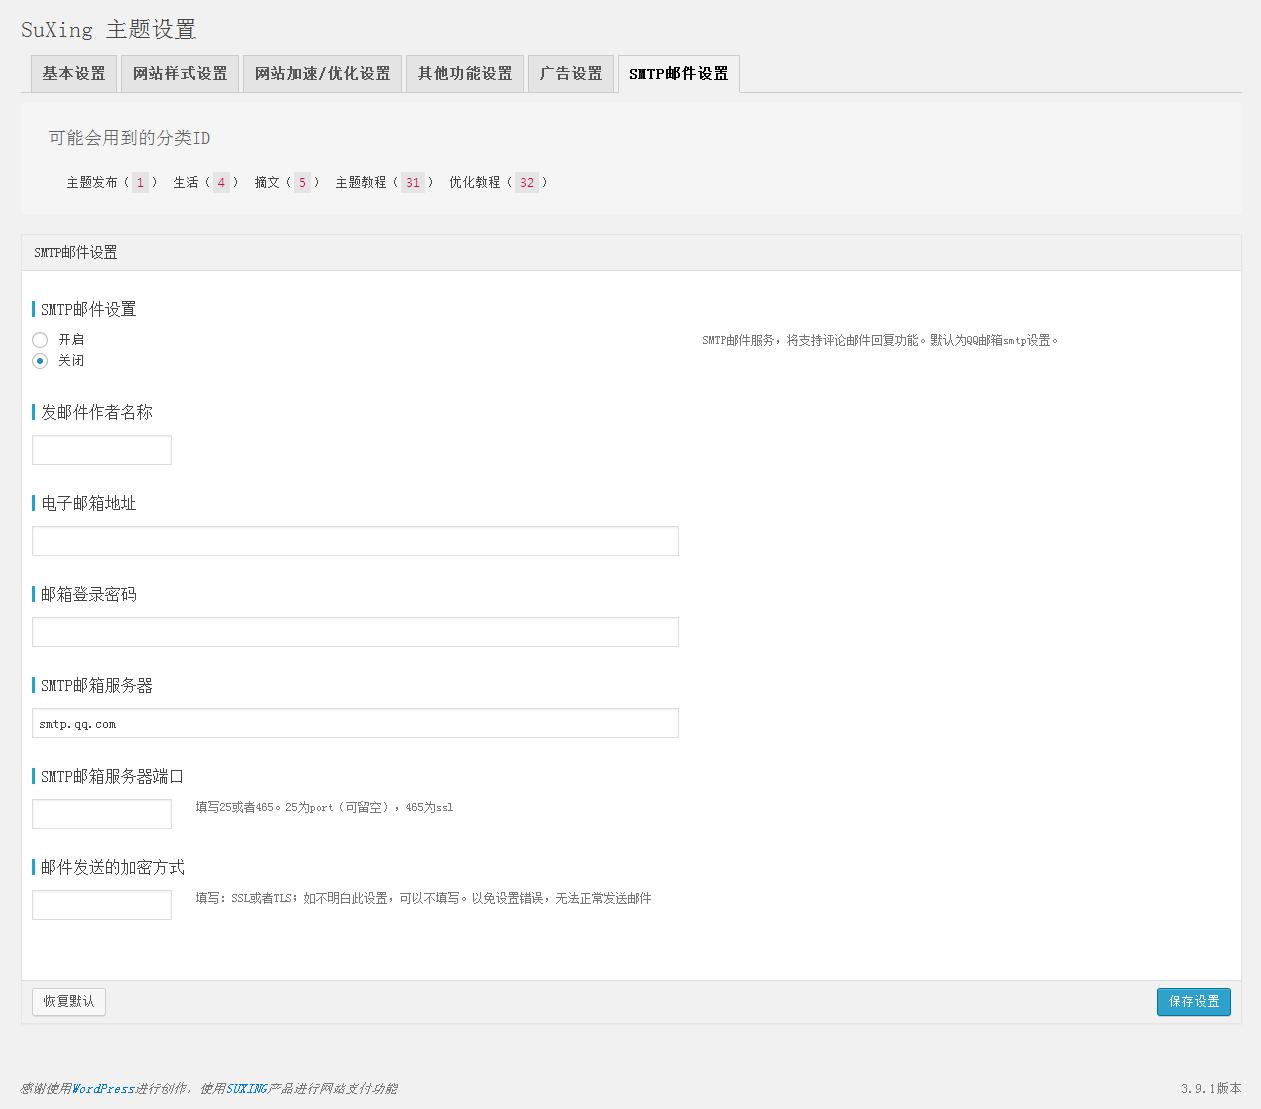 VFILMTIME2014主题8.4版本更新日志,自定义主题配色、强大/全面的主题后台